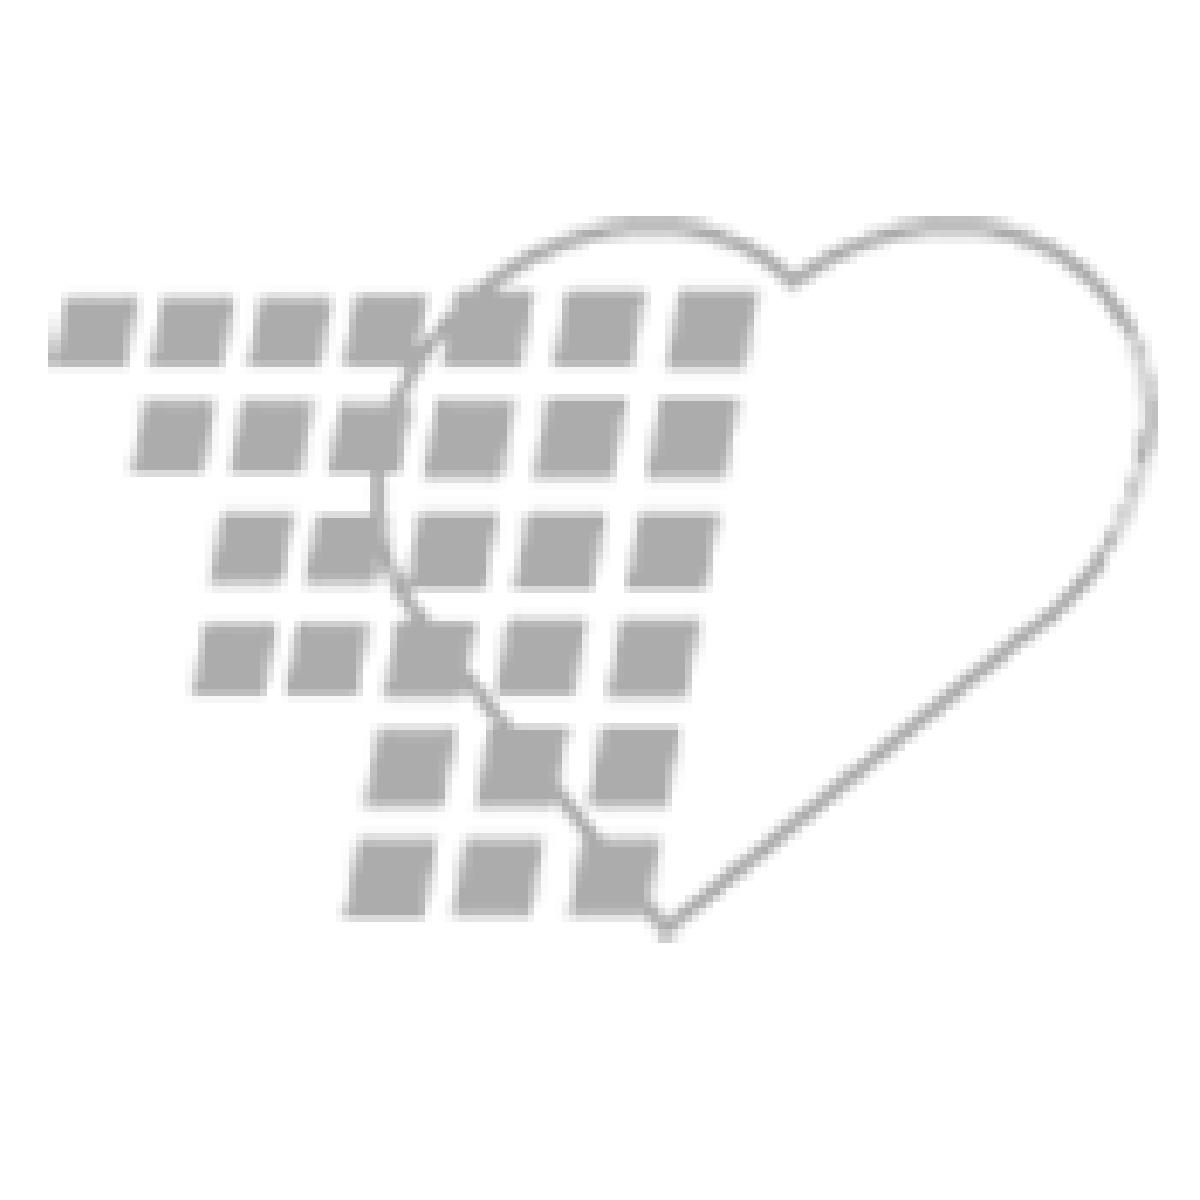 06-93-3007 Demo Dose® Anti-Biotic 10mL 1g/10mL